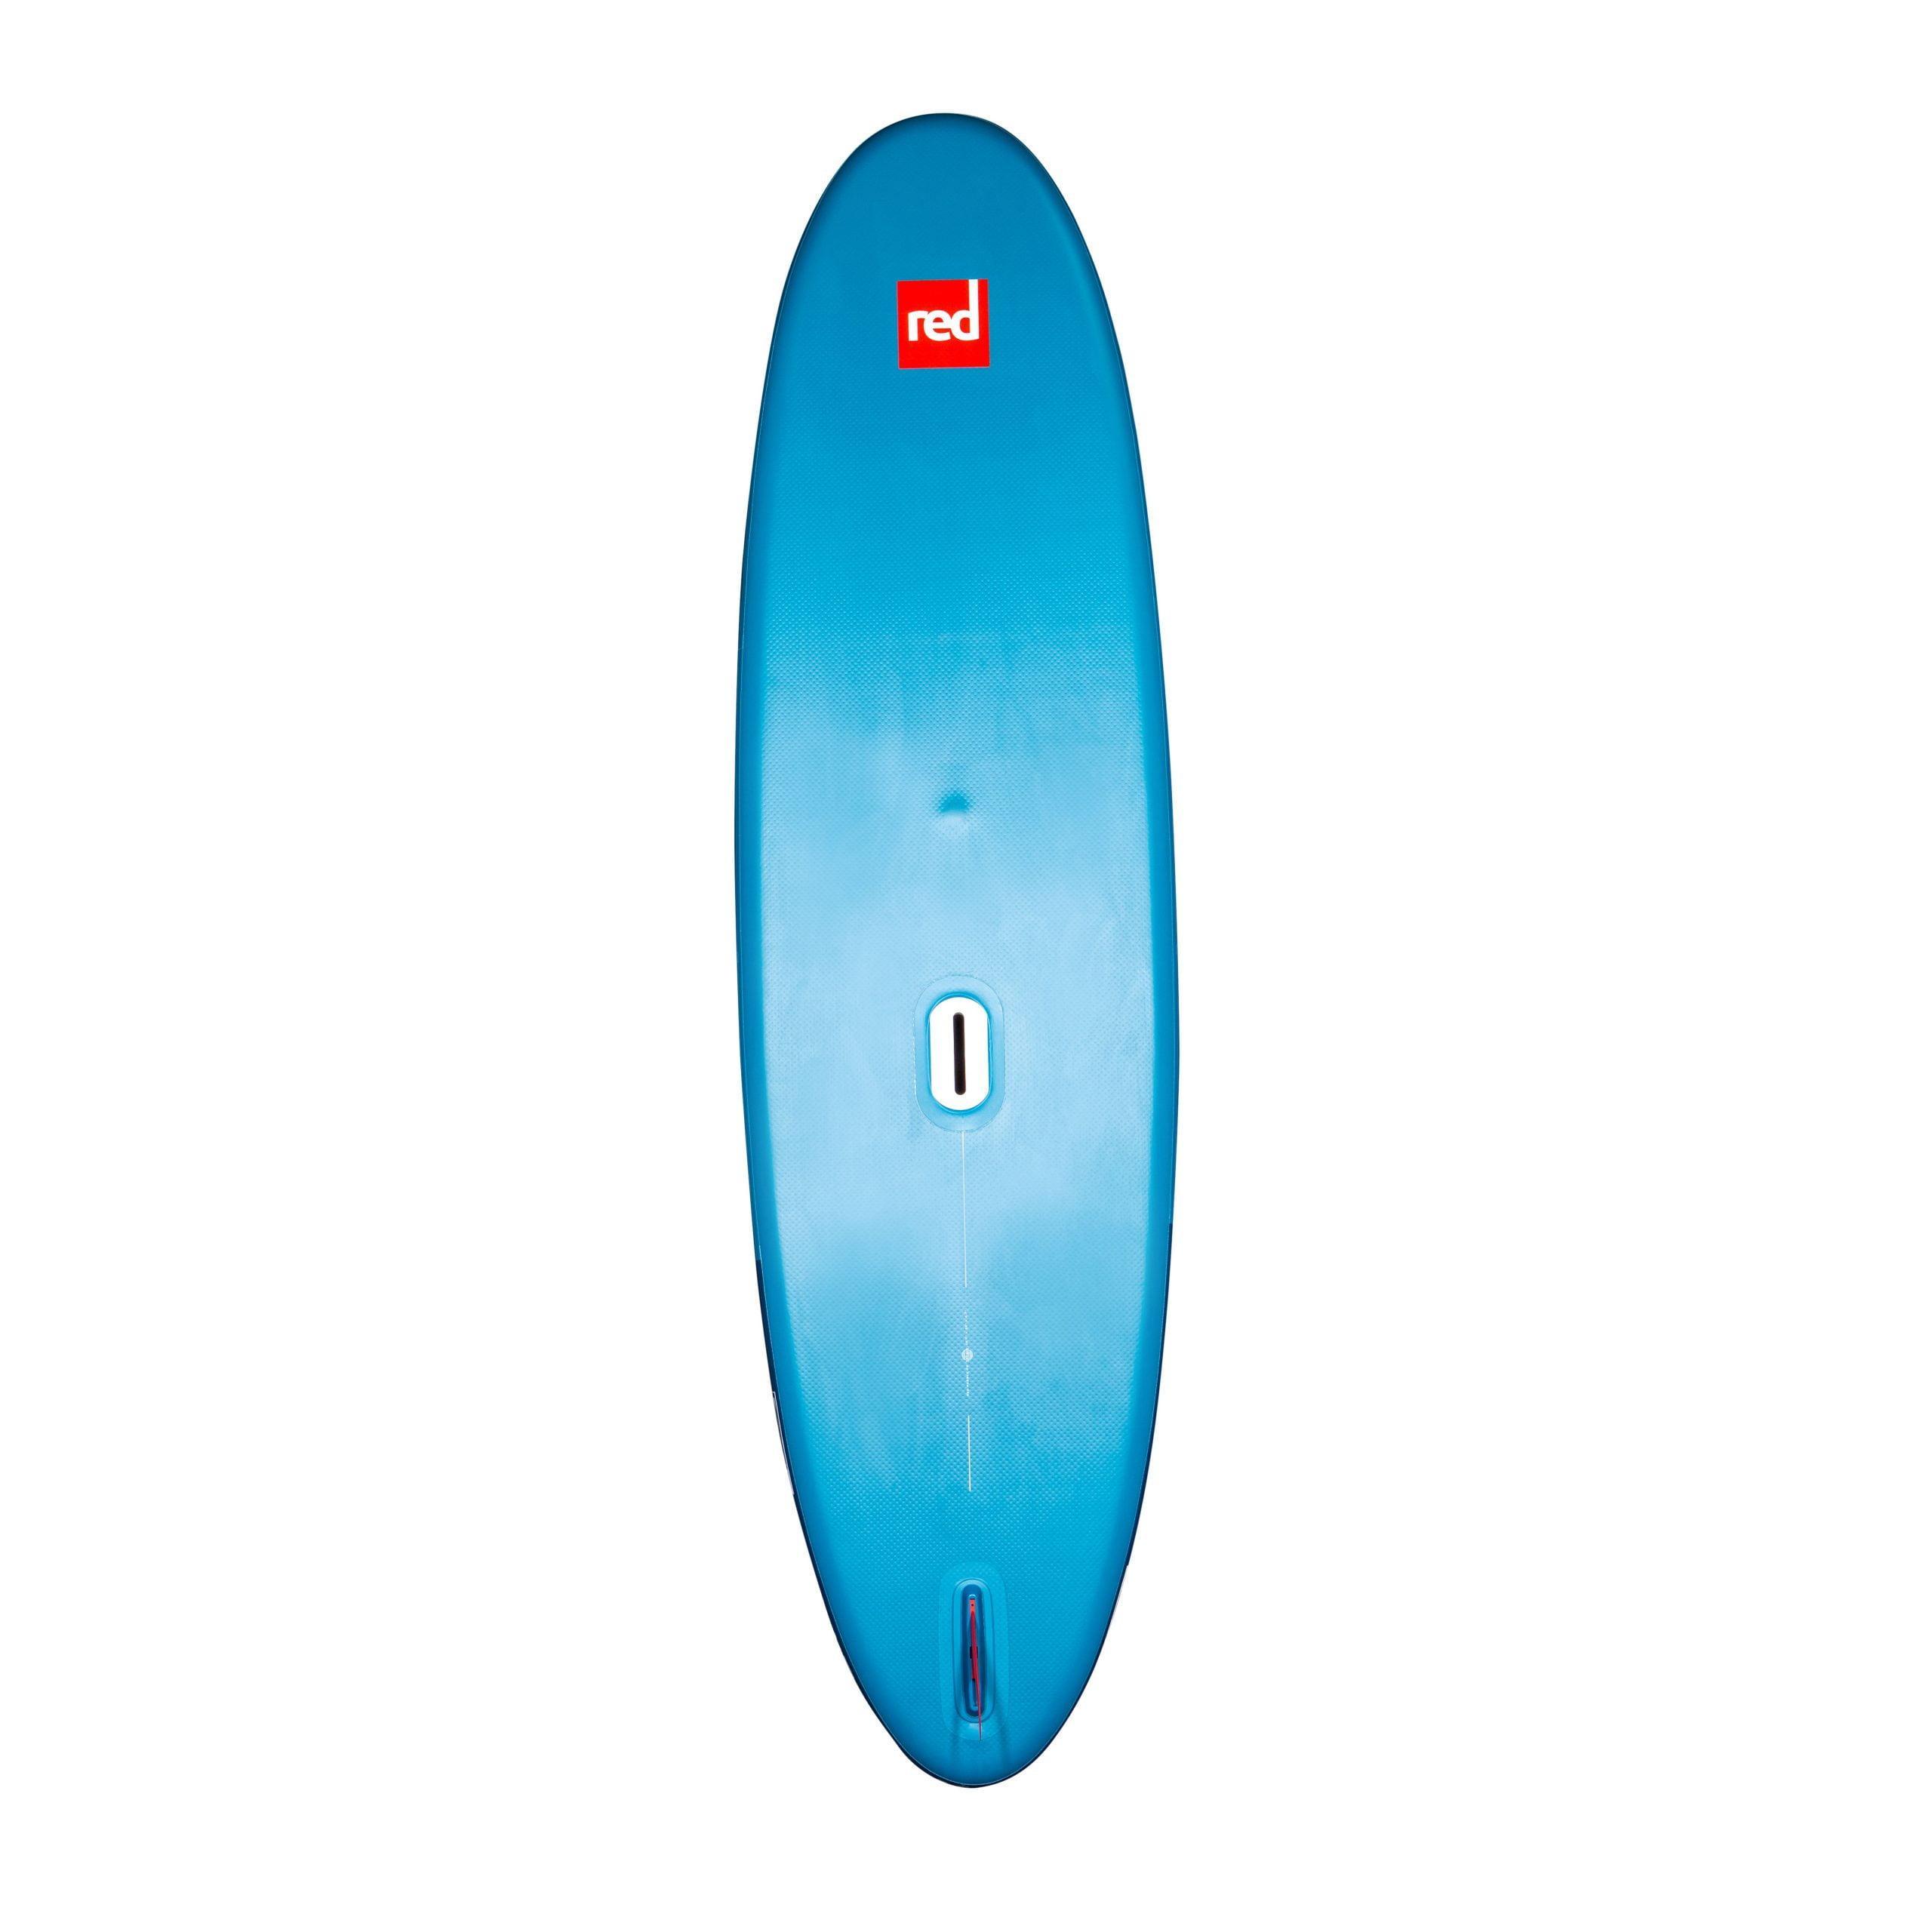 Red Paddle Co 10 7 Windsurf 2021 Bananawayshop